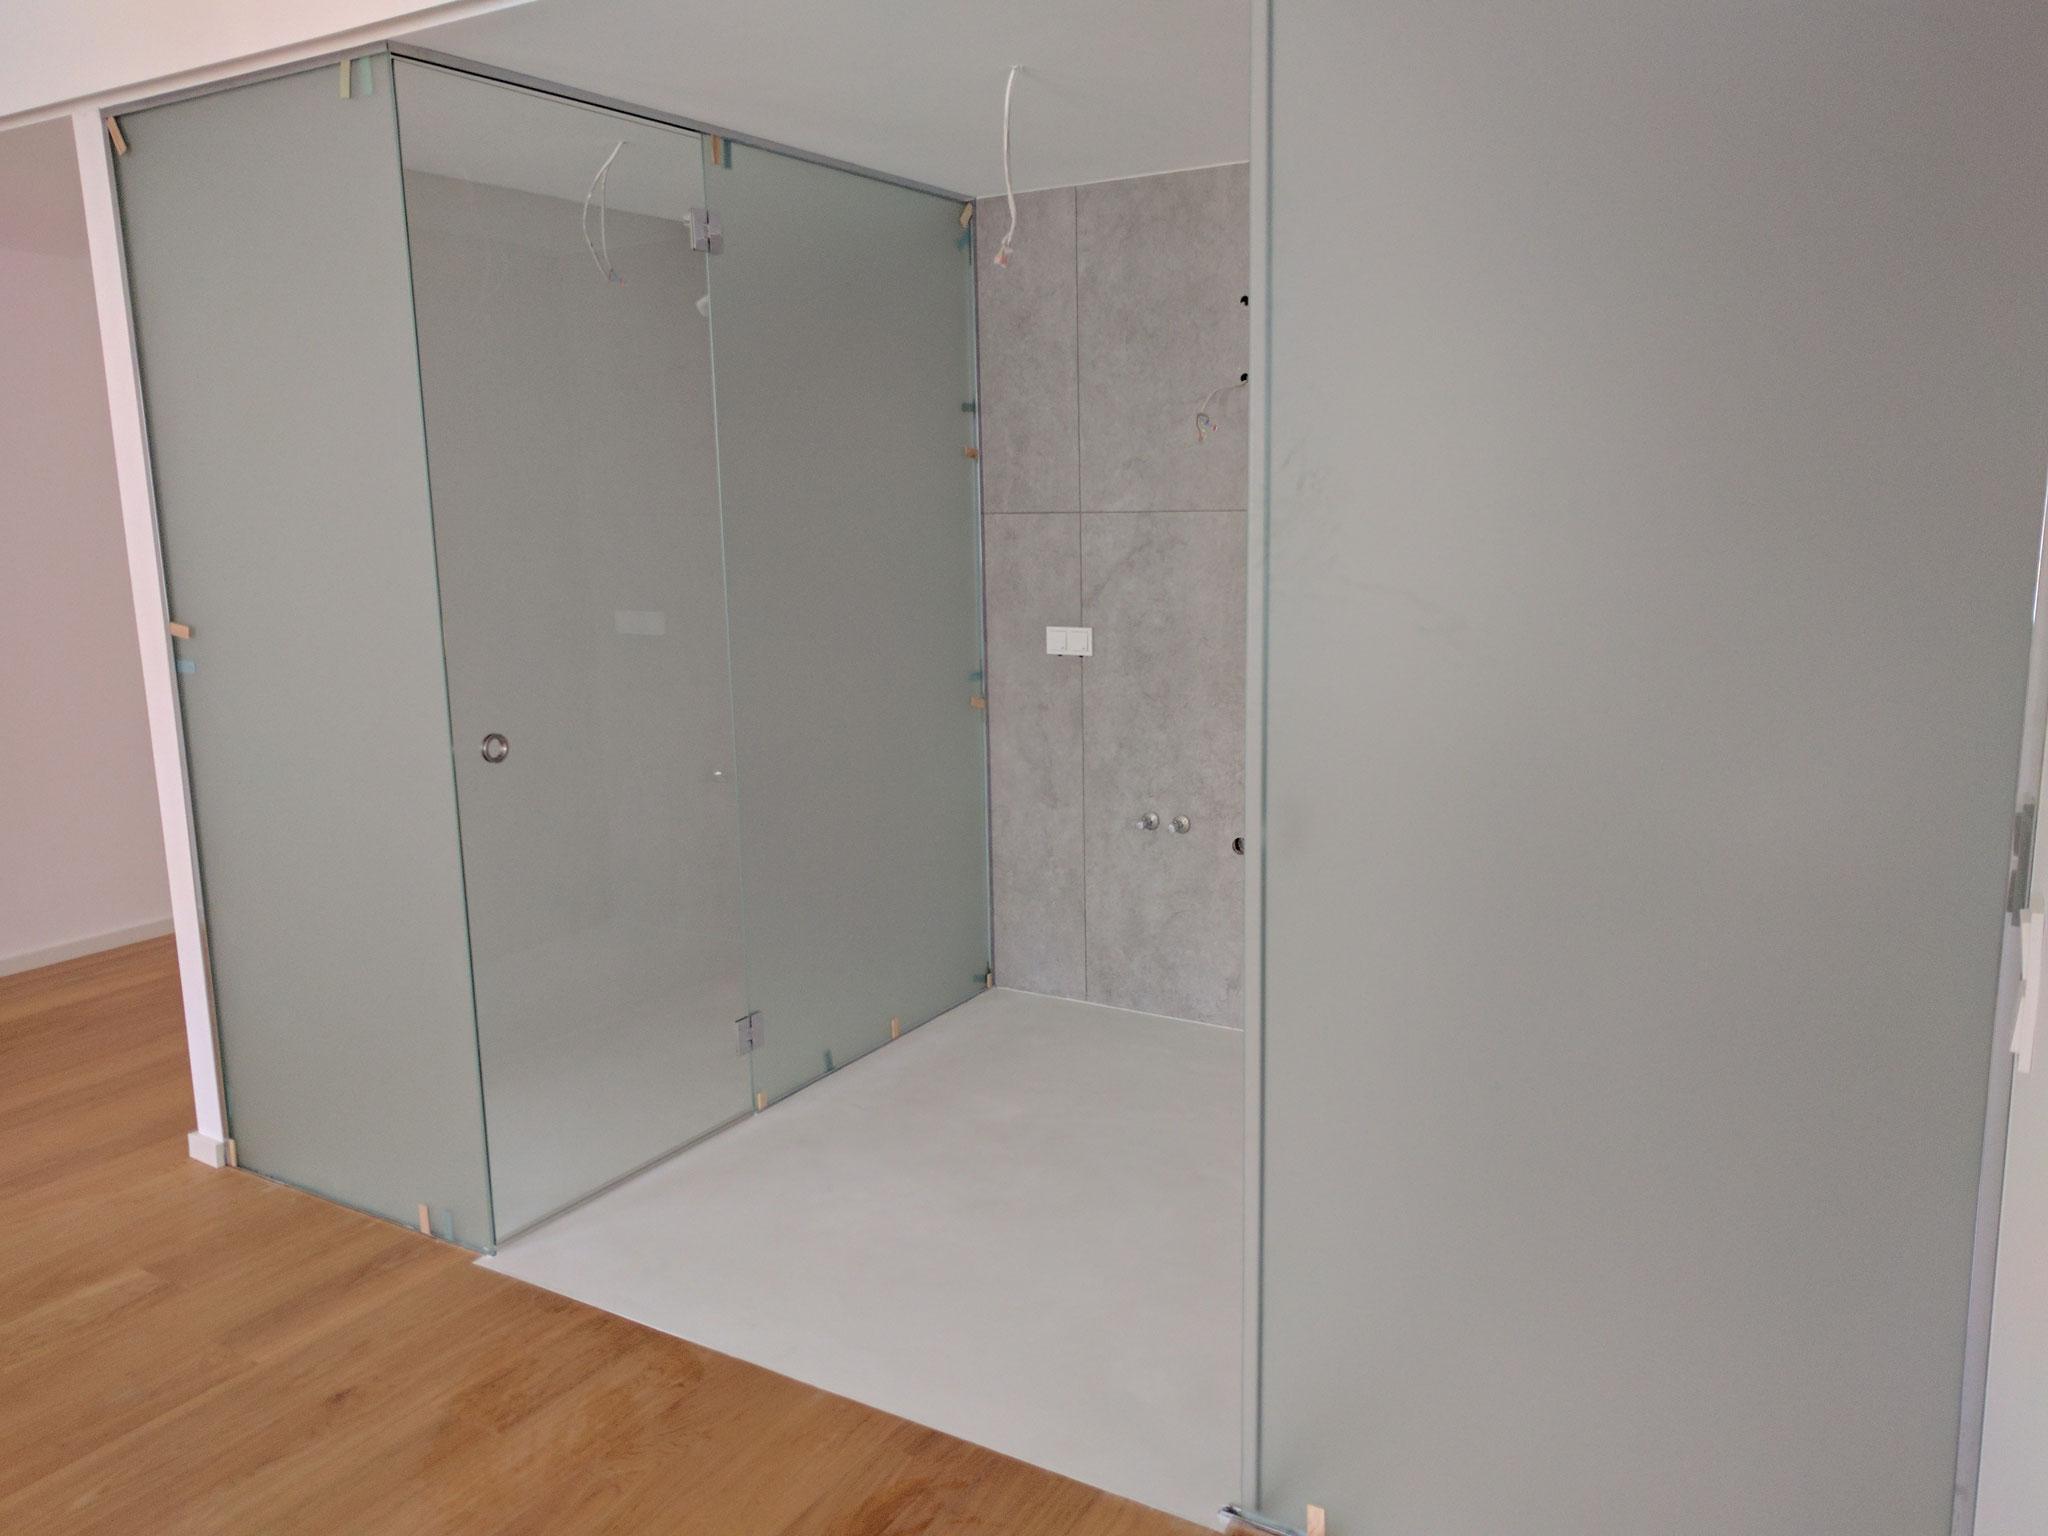 Badezimmer in Weissbeton